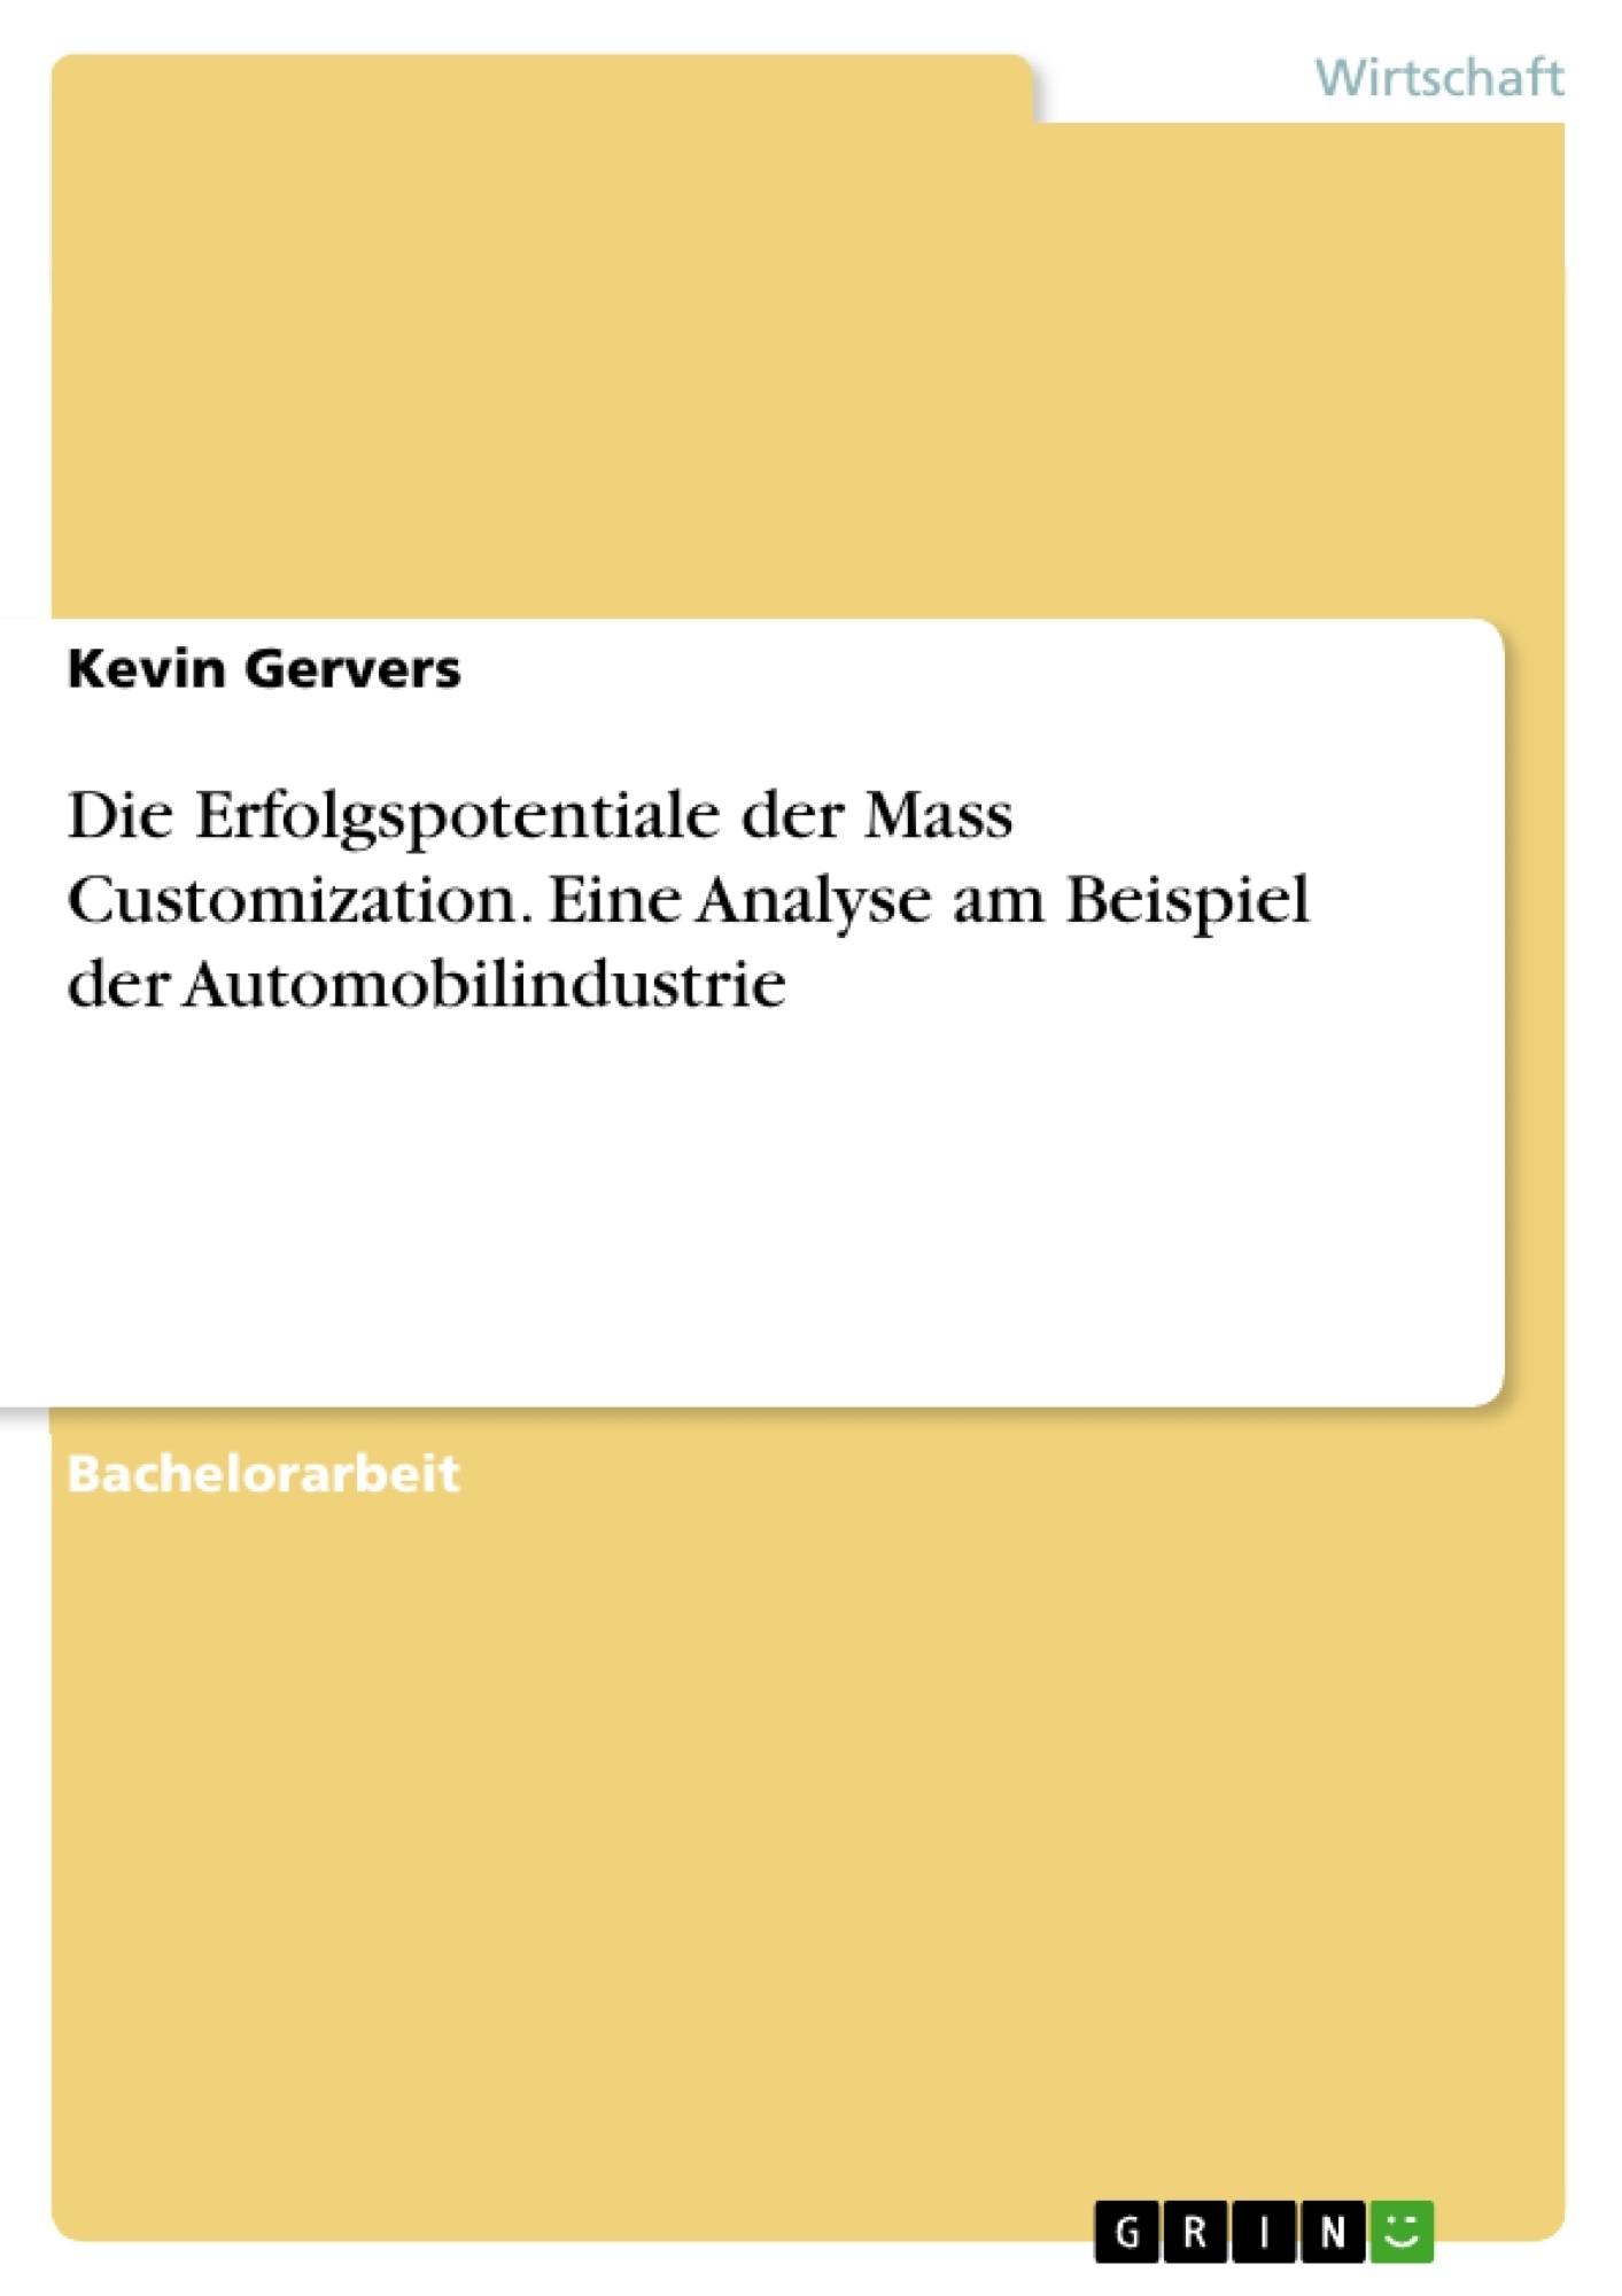 Titel: Die Erfolgspotentiale der Mass Customization. Eine Analyse am Beispiel der Automobilindustrie